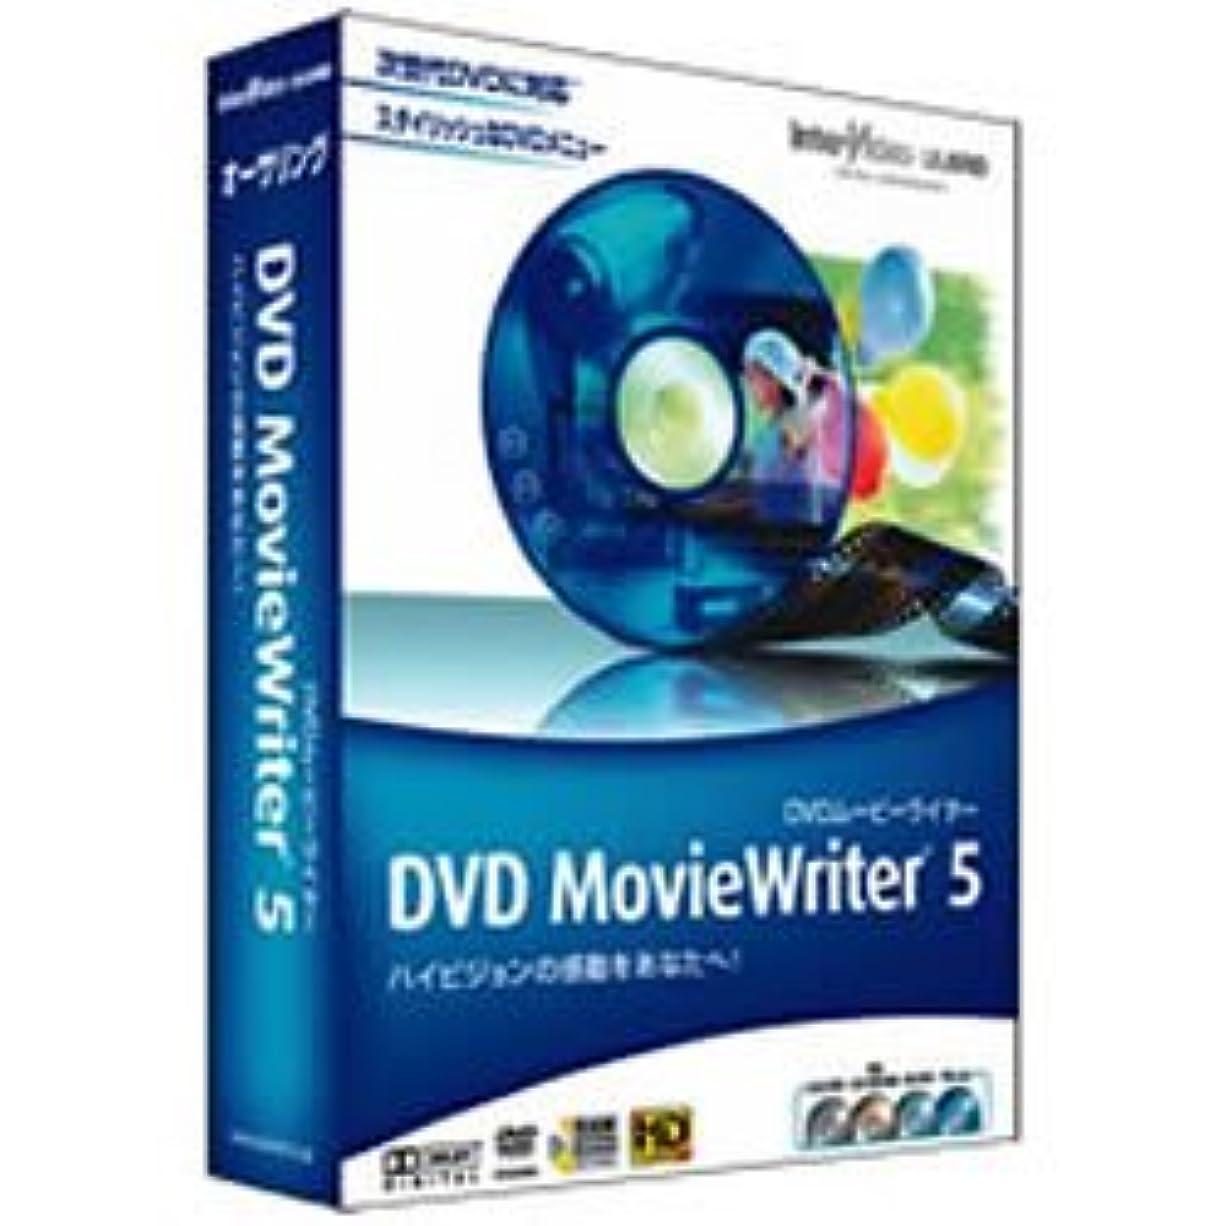 証書台無しに雪だるまを作るDVD MovieWriter 5 乗り換え/アップグレード版